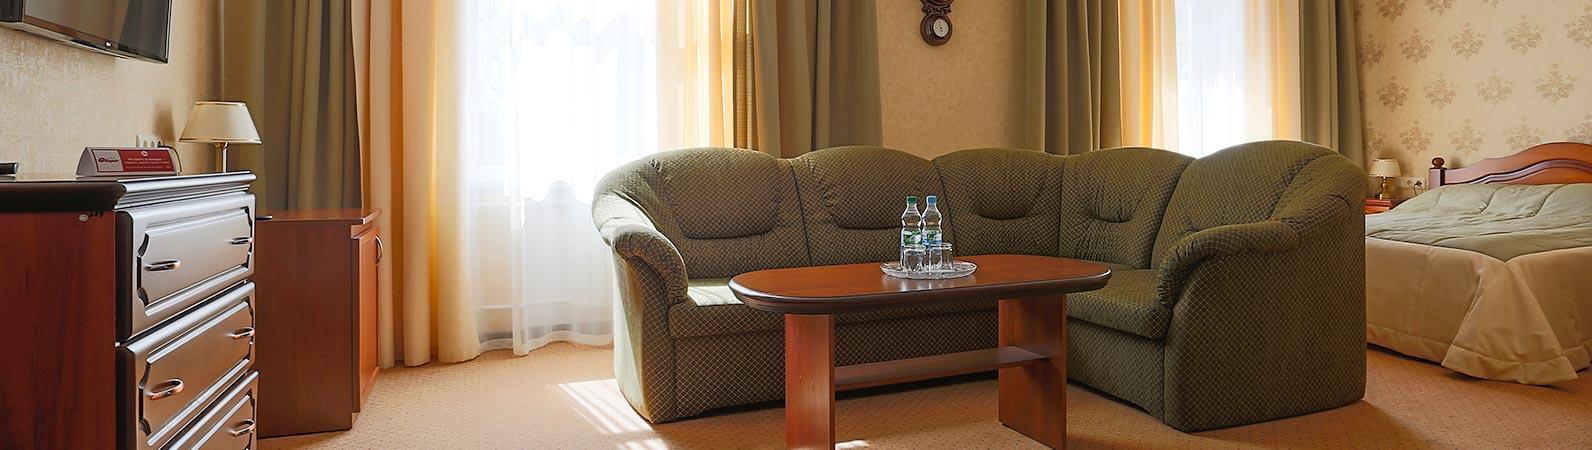 Часы стоимость номеров гостиница человеко при стоимость обучении часа